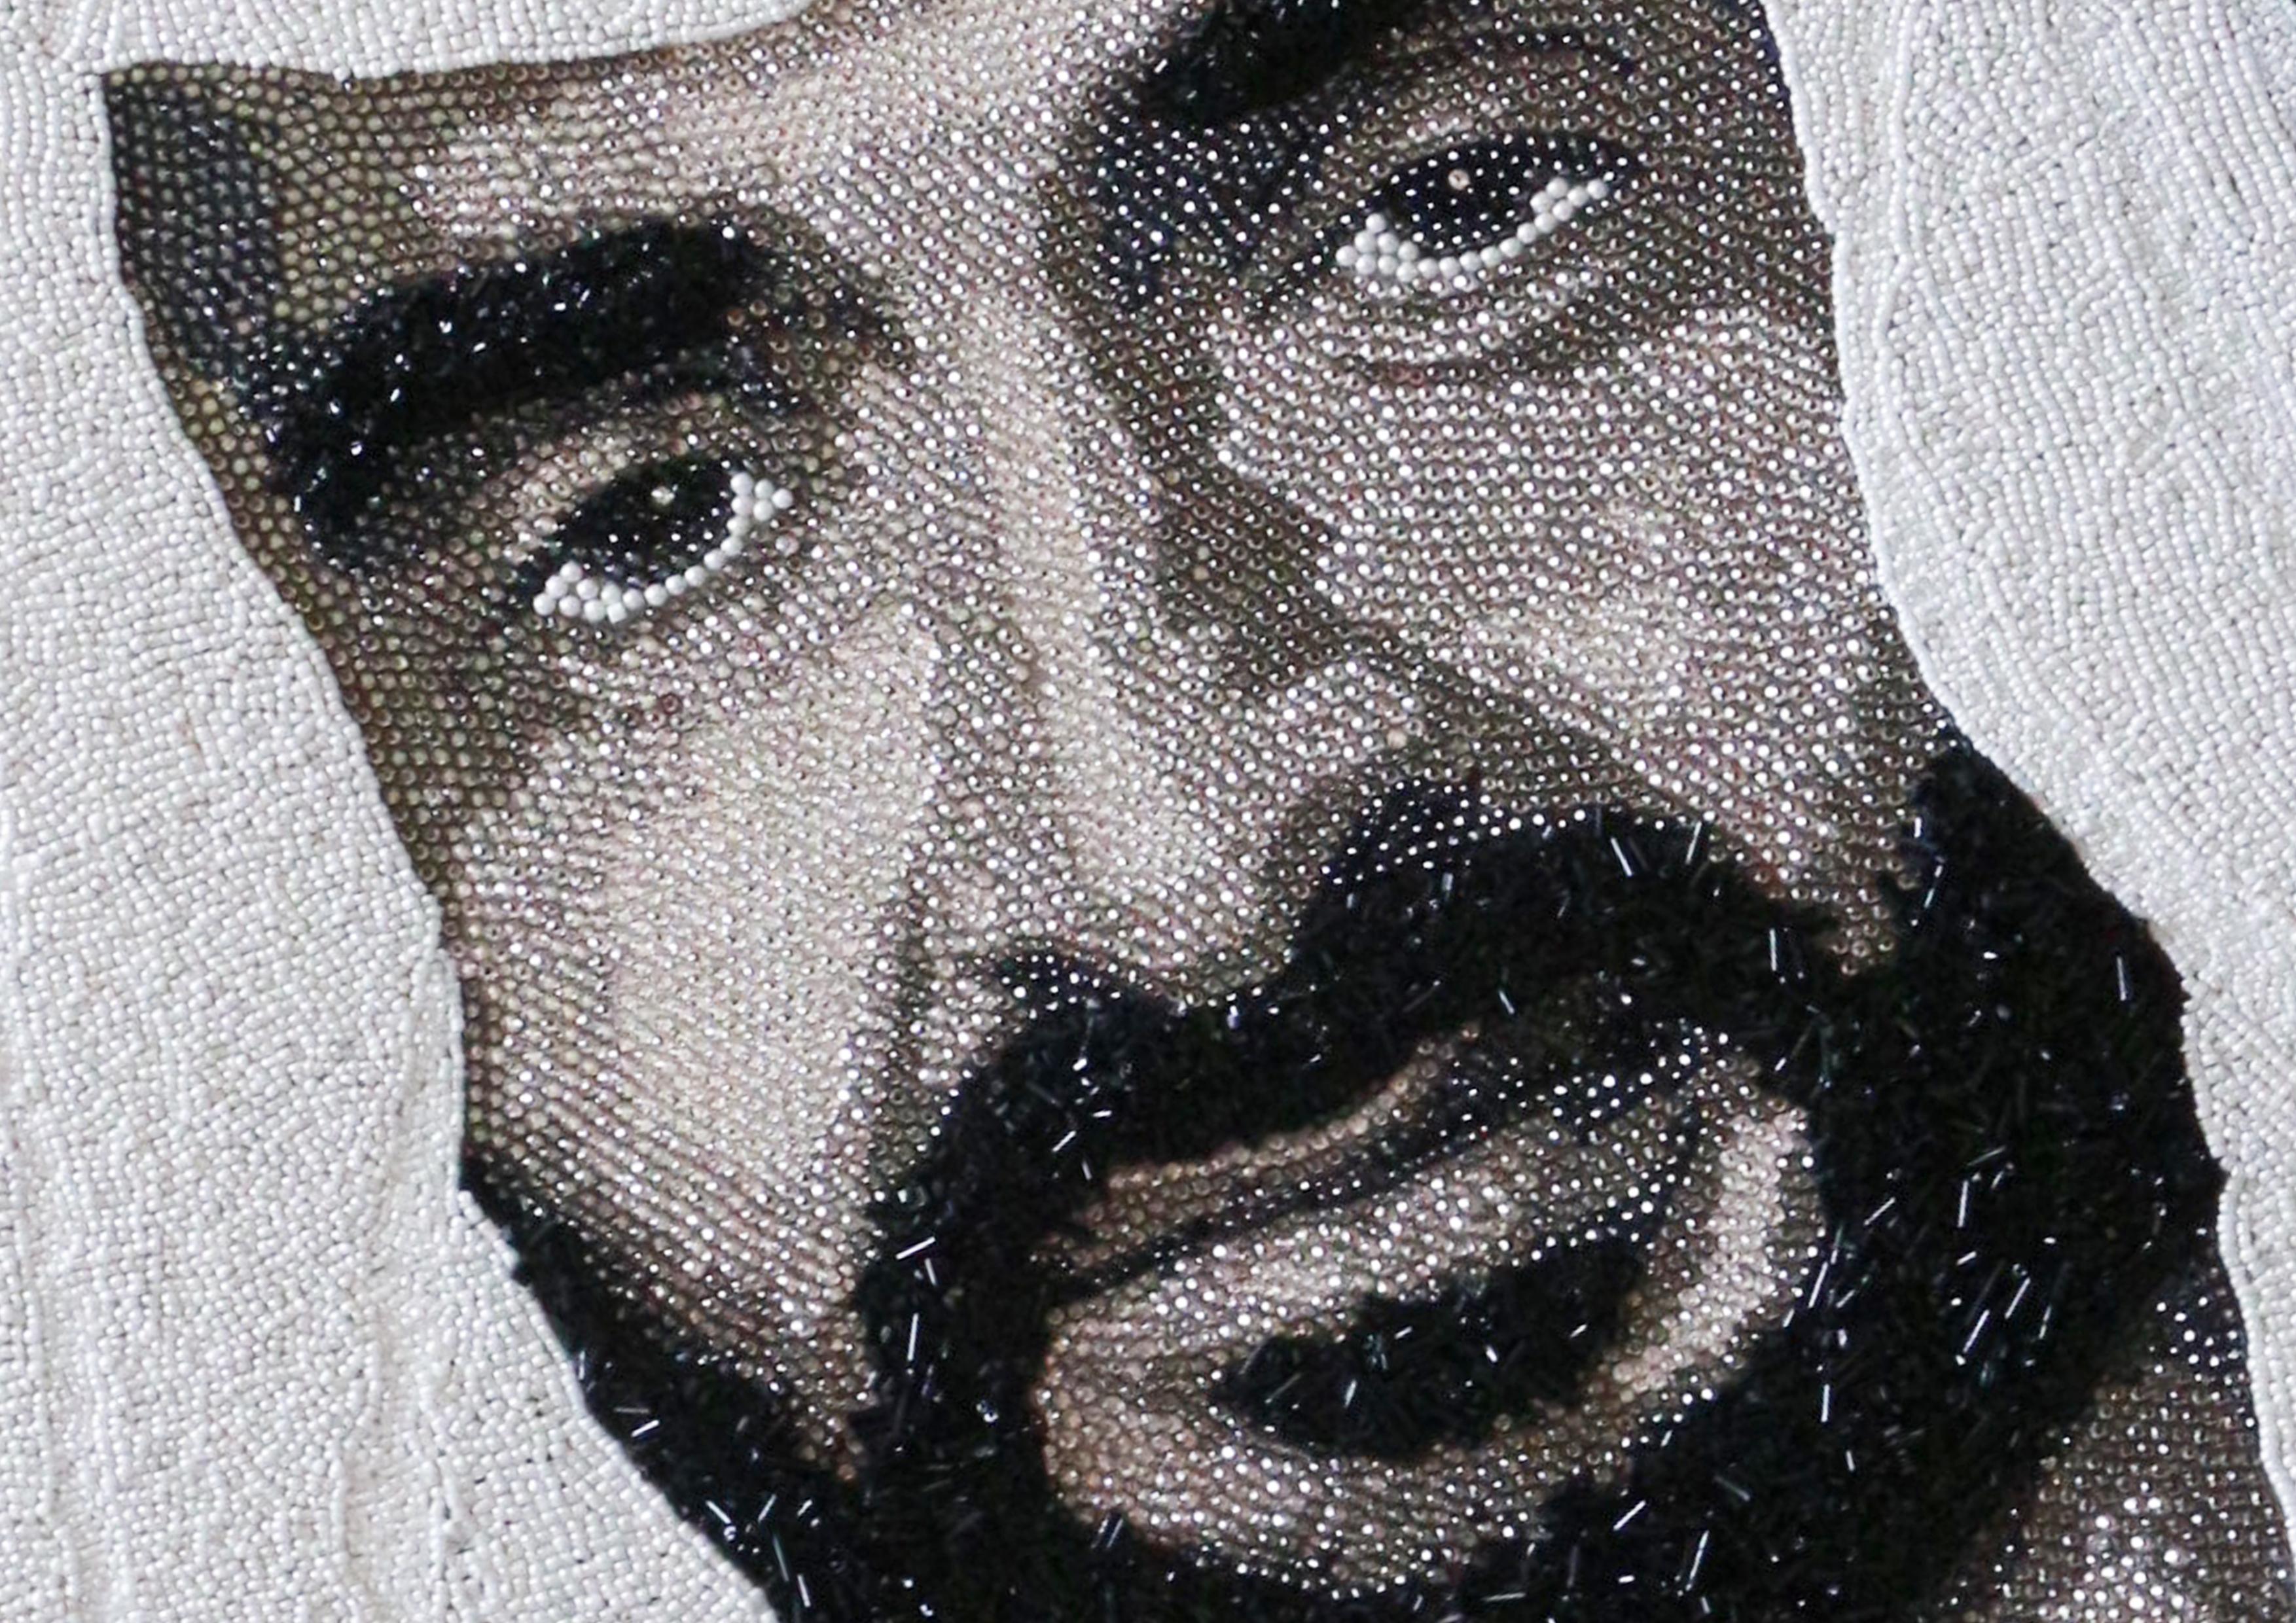 HH Sheikh Nahyan Abu Dhabi Natalie Daghestani Swarovski Art2